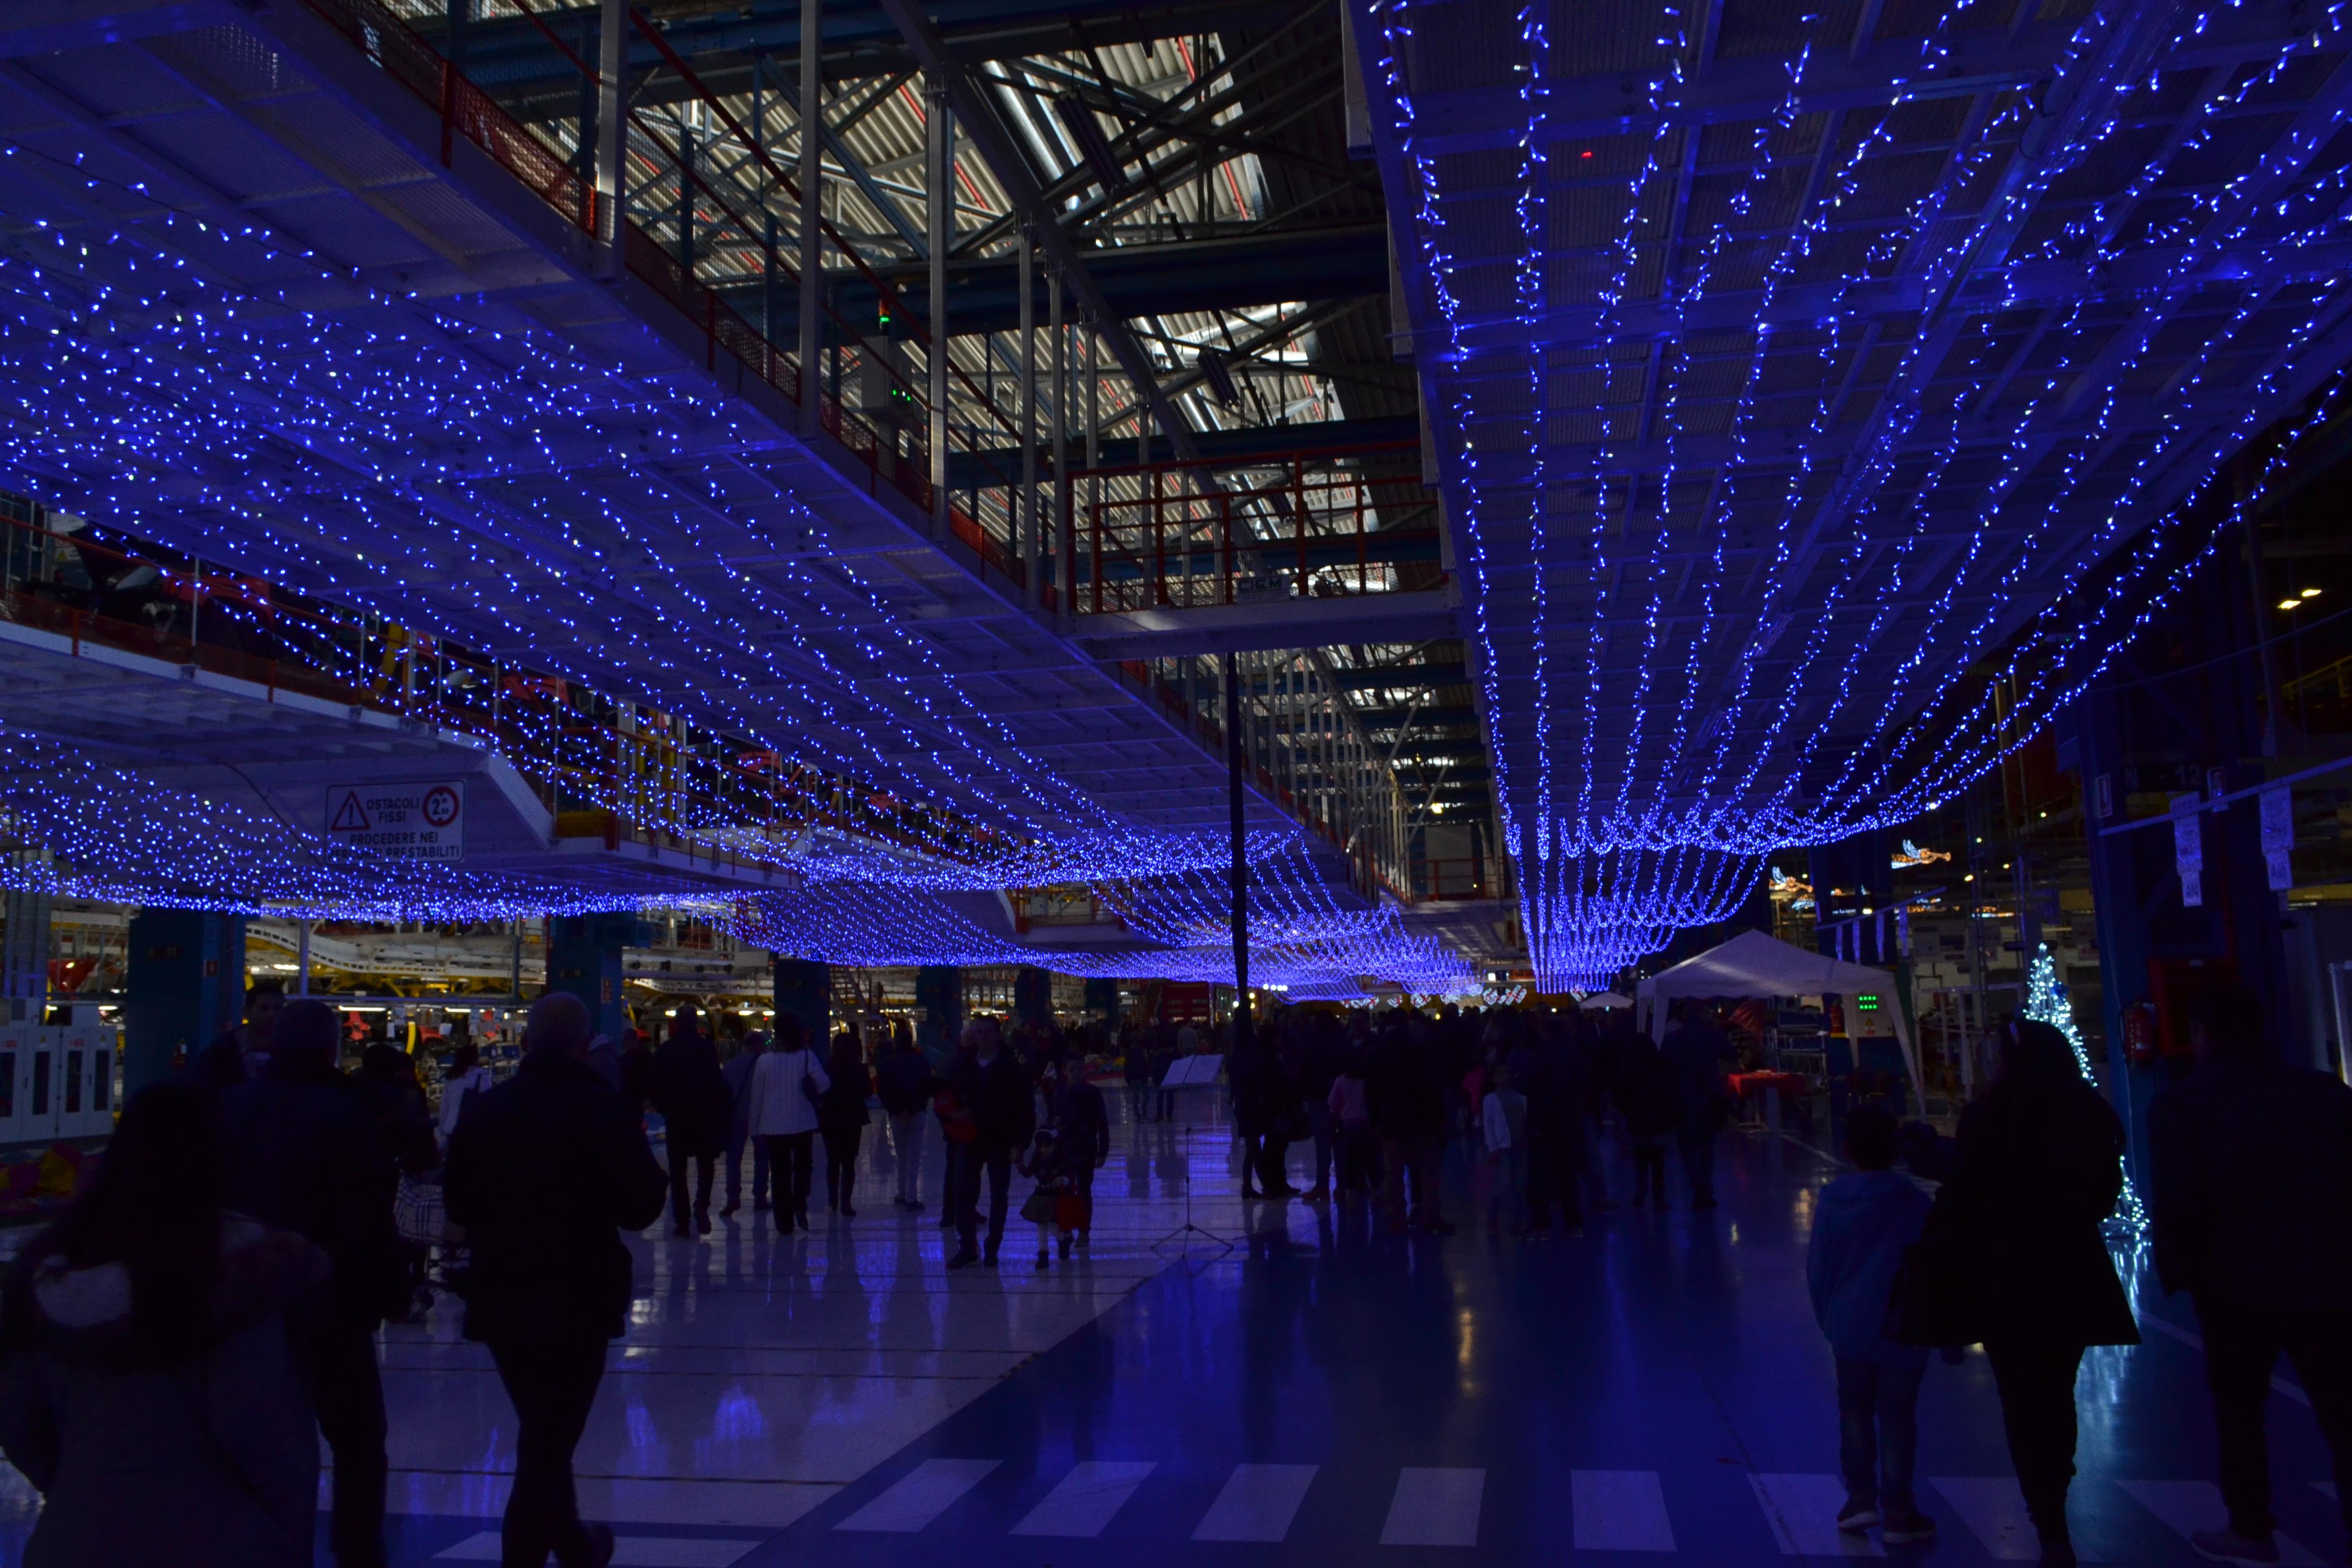 luci di natale blu